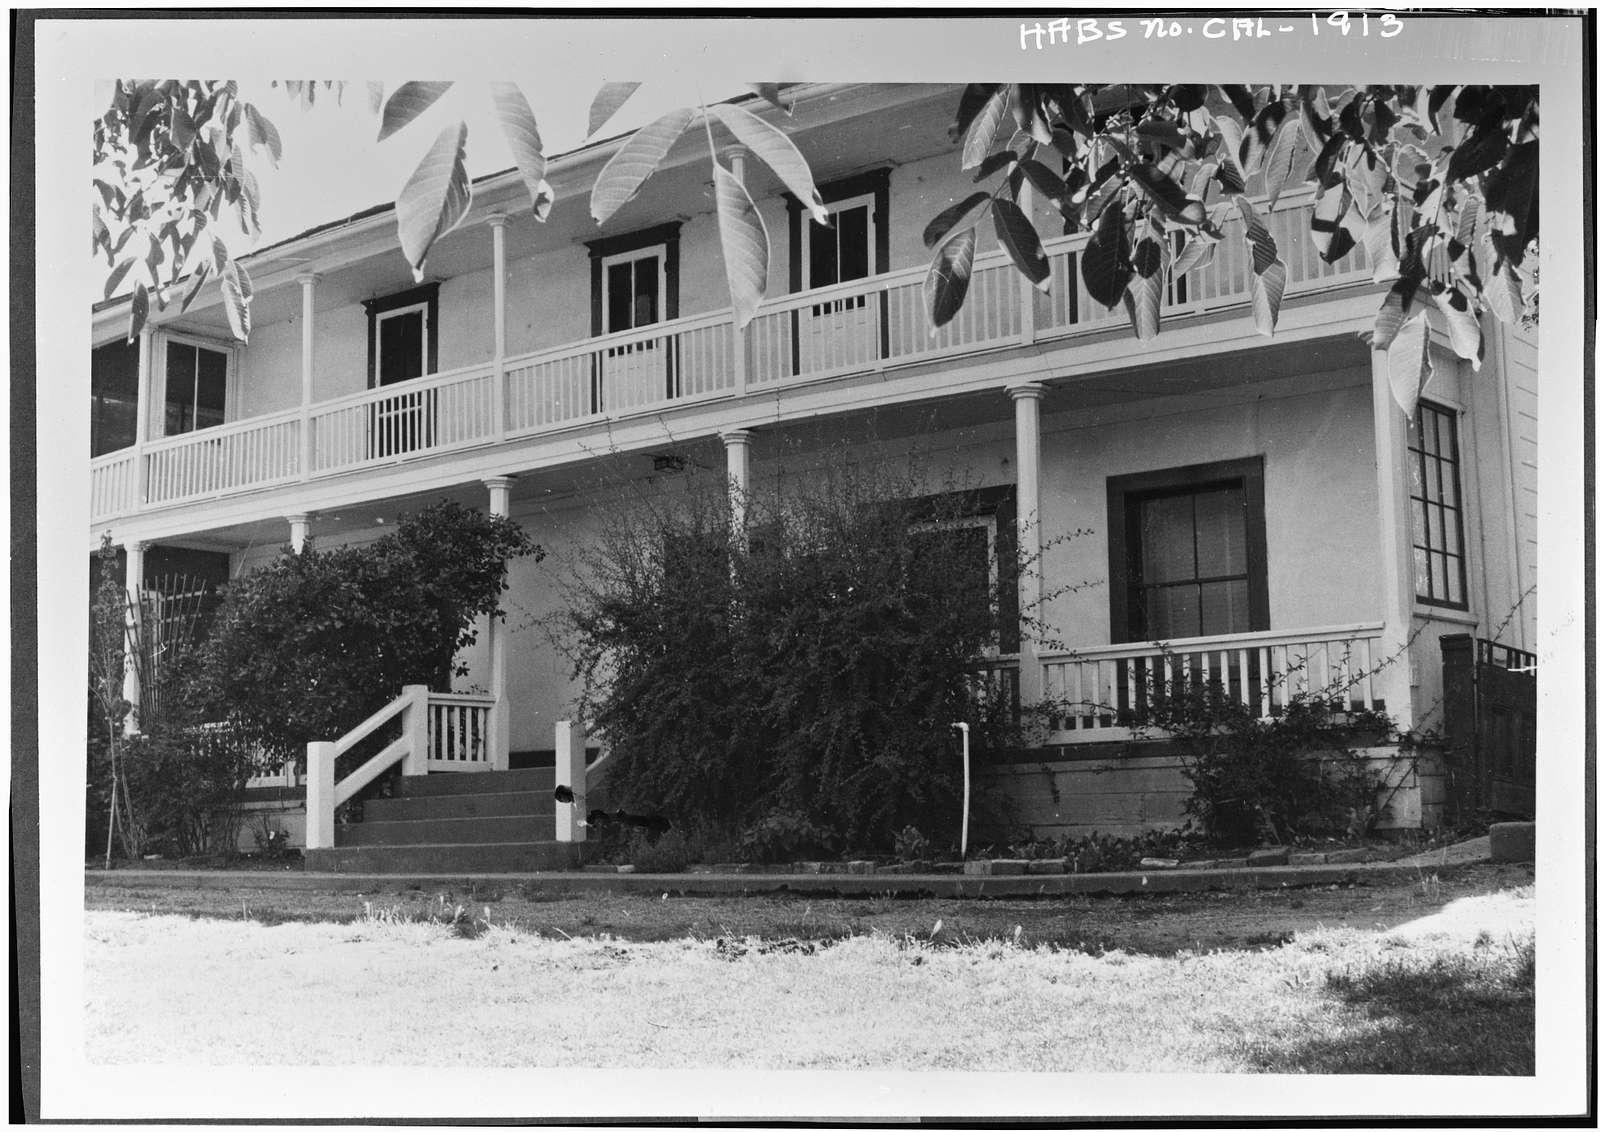 Vicente Martinez Adobe, Pleasant Hill & Franklin Canyon Roads, Martinez, Contra Costa County, CA